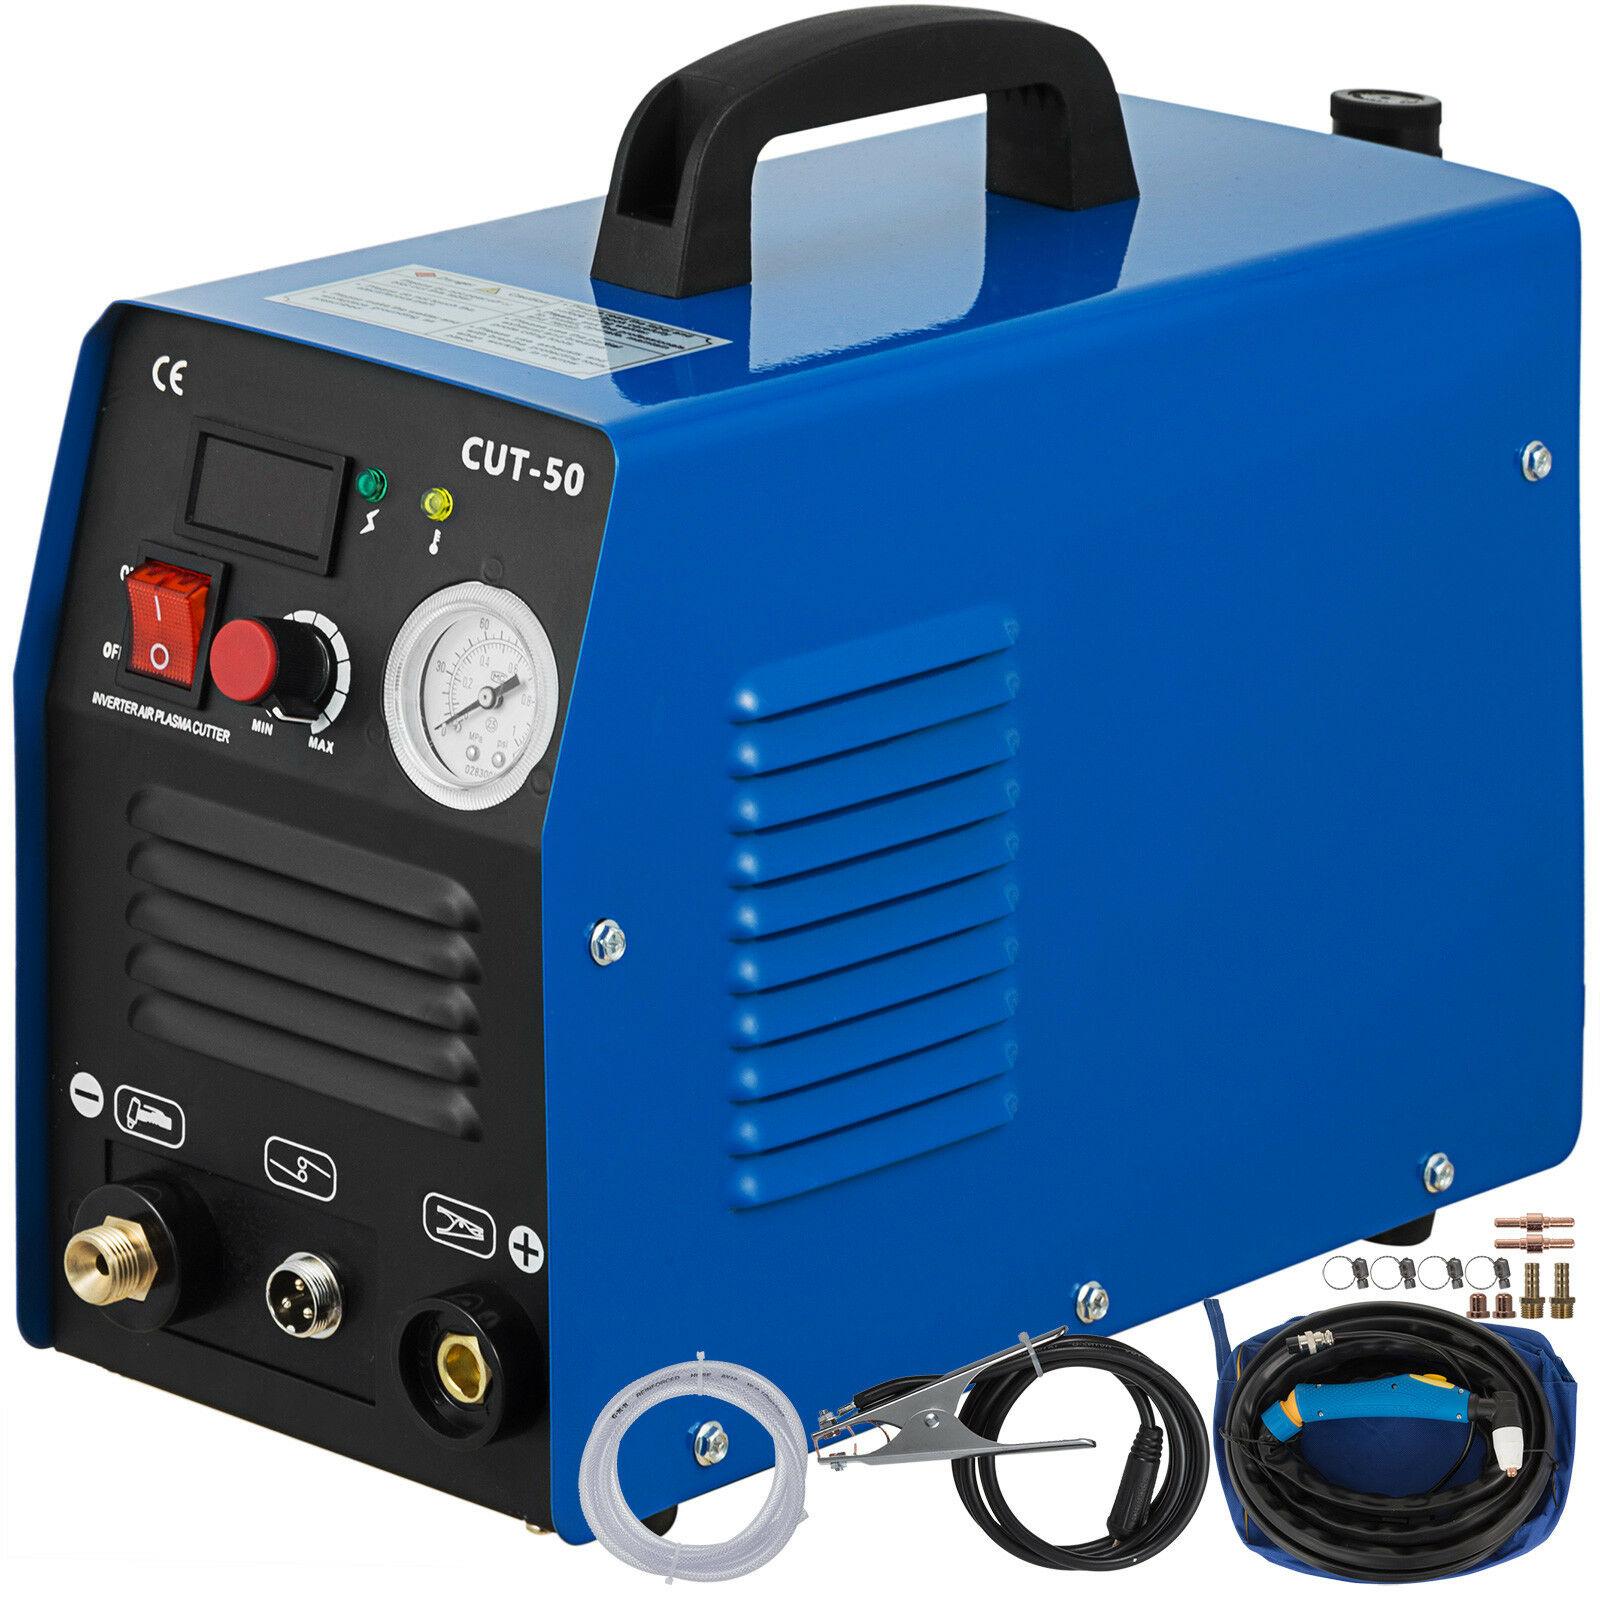 220V CUT-50 Air Plasma Cutter Machine 50A Inverter DIGITAL Cutting 12mm